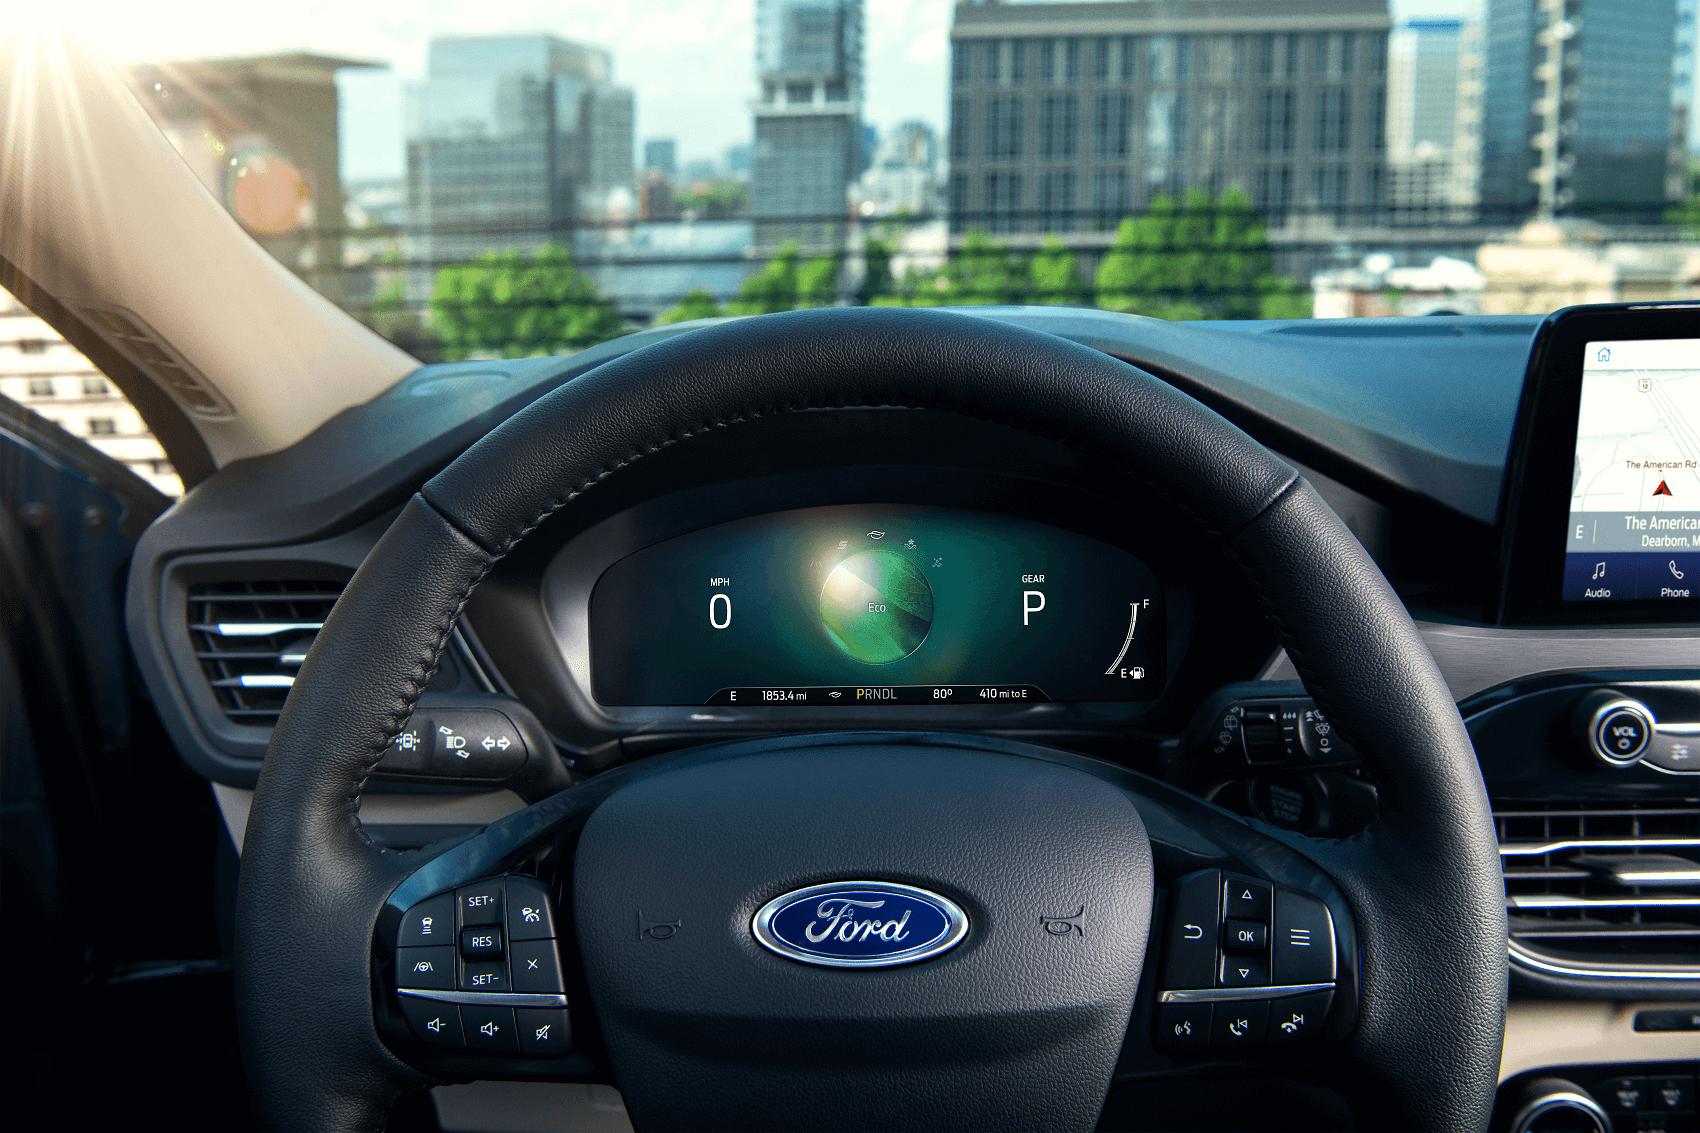 Ford Escape Eco Mode